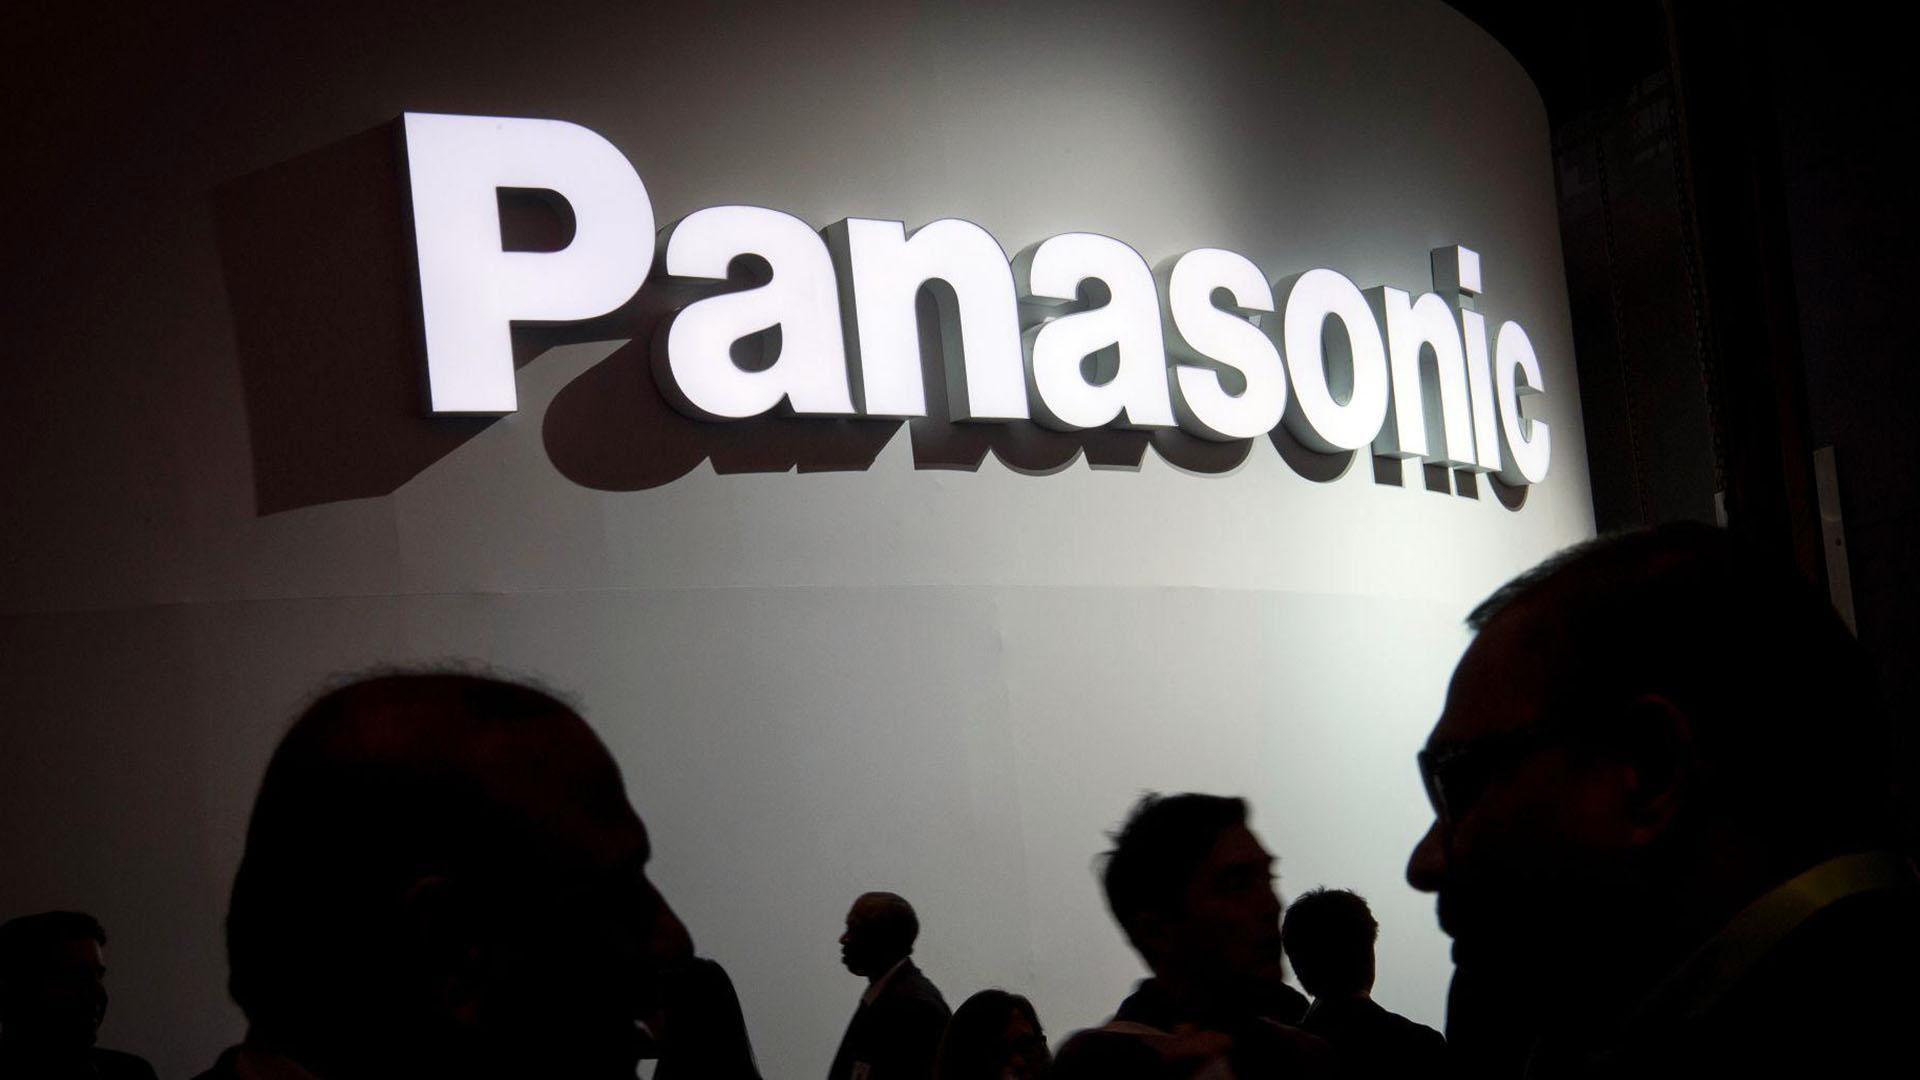 Η Panasonic ρευστοποίησε όλες τις μετοχές που κατείχε στην Tesla